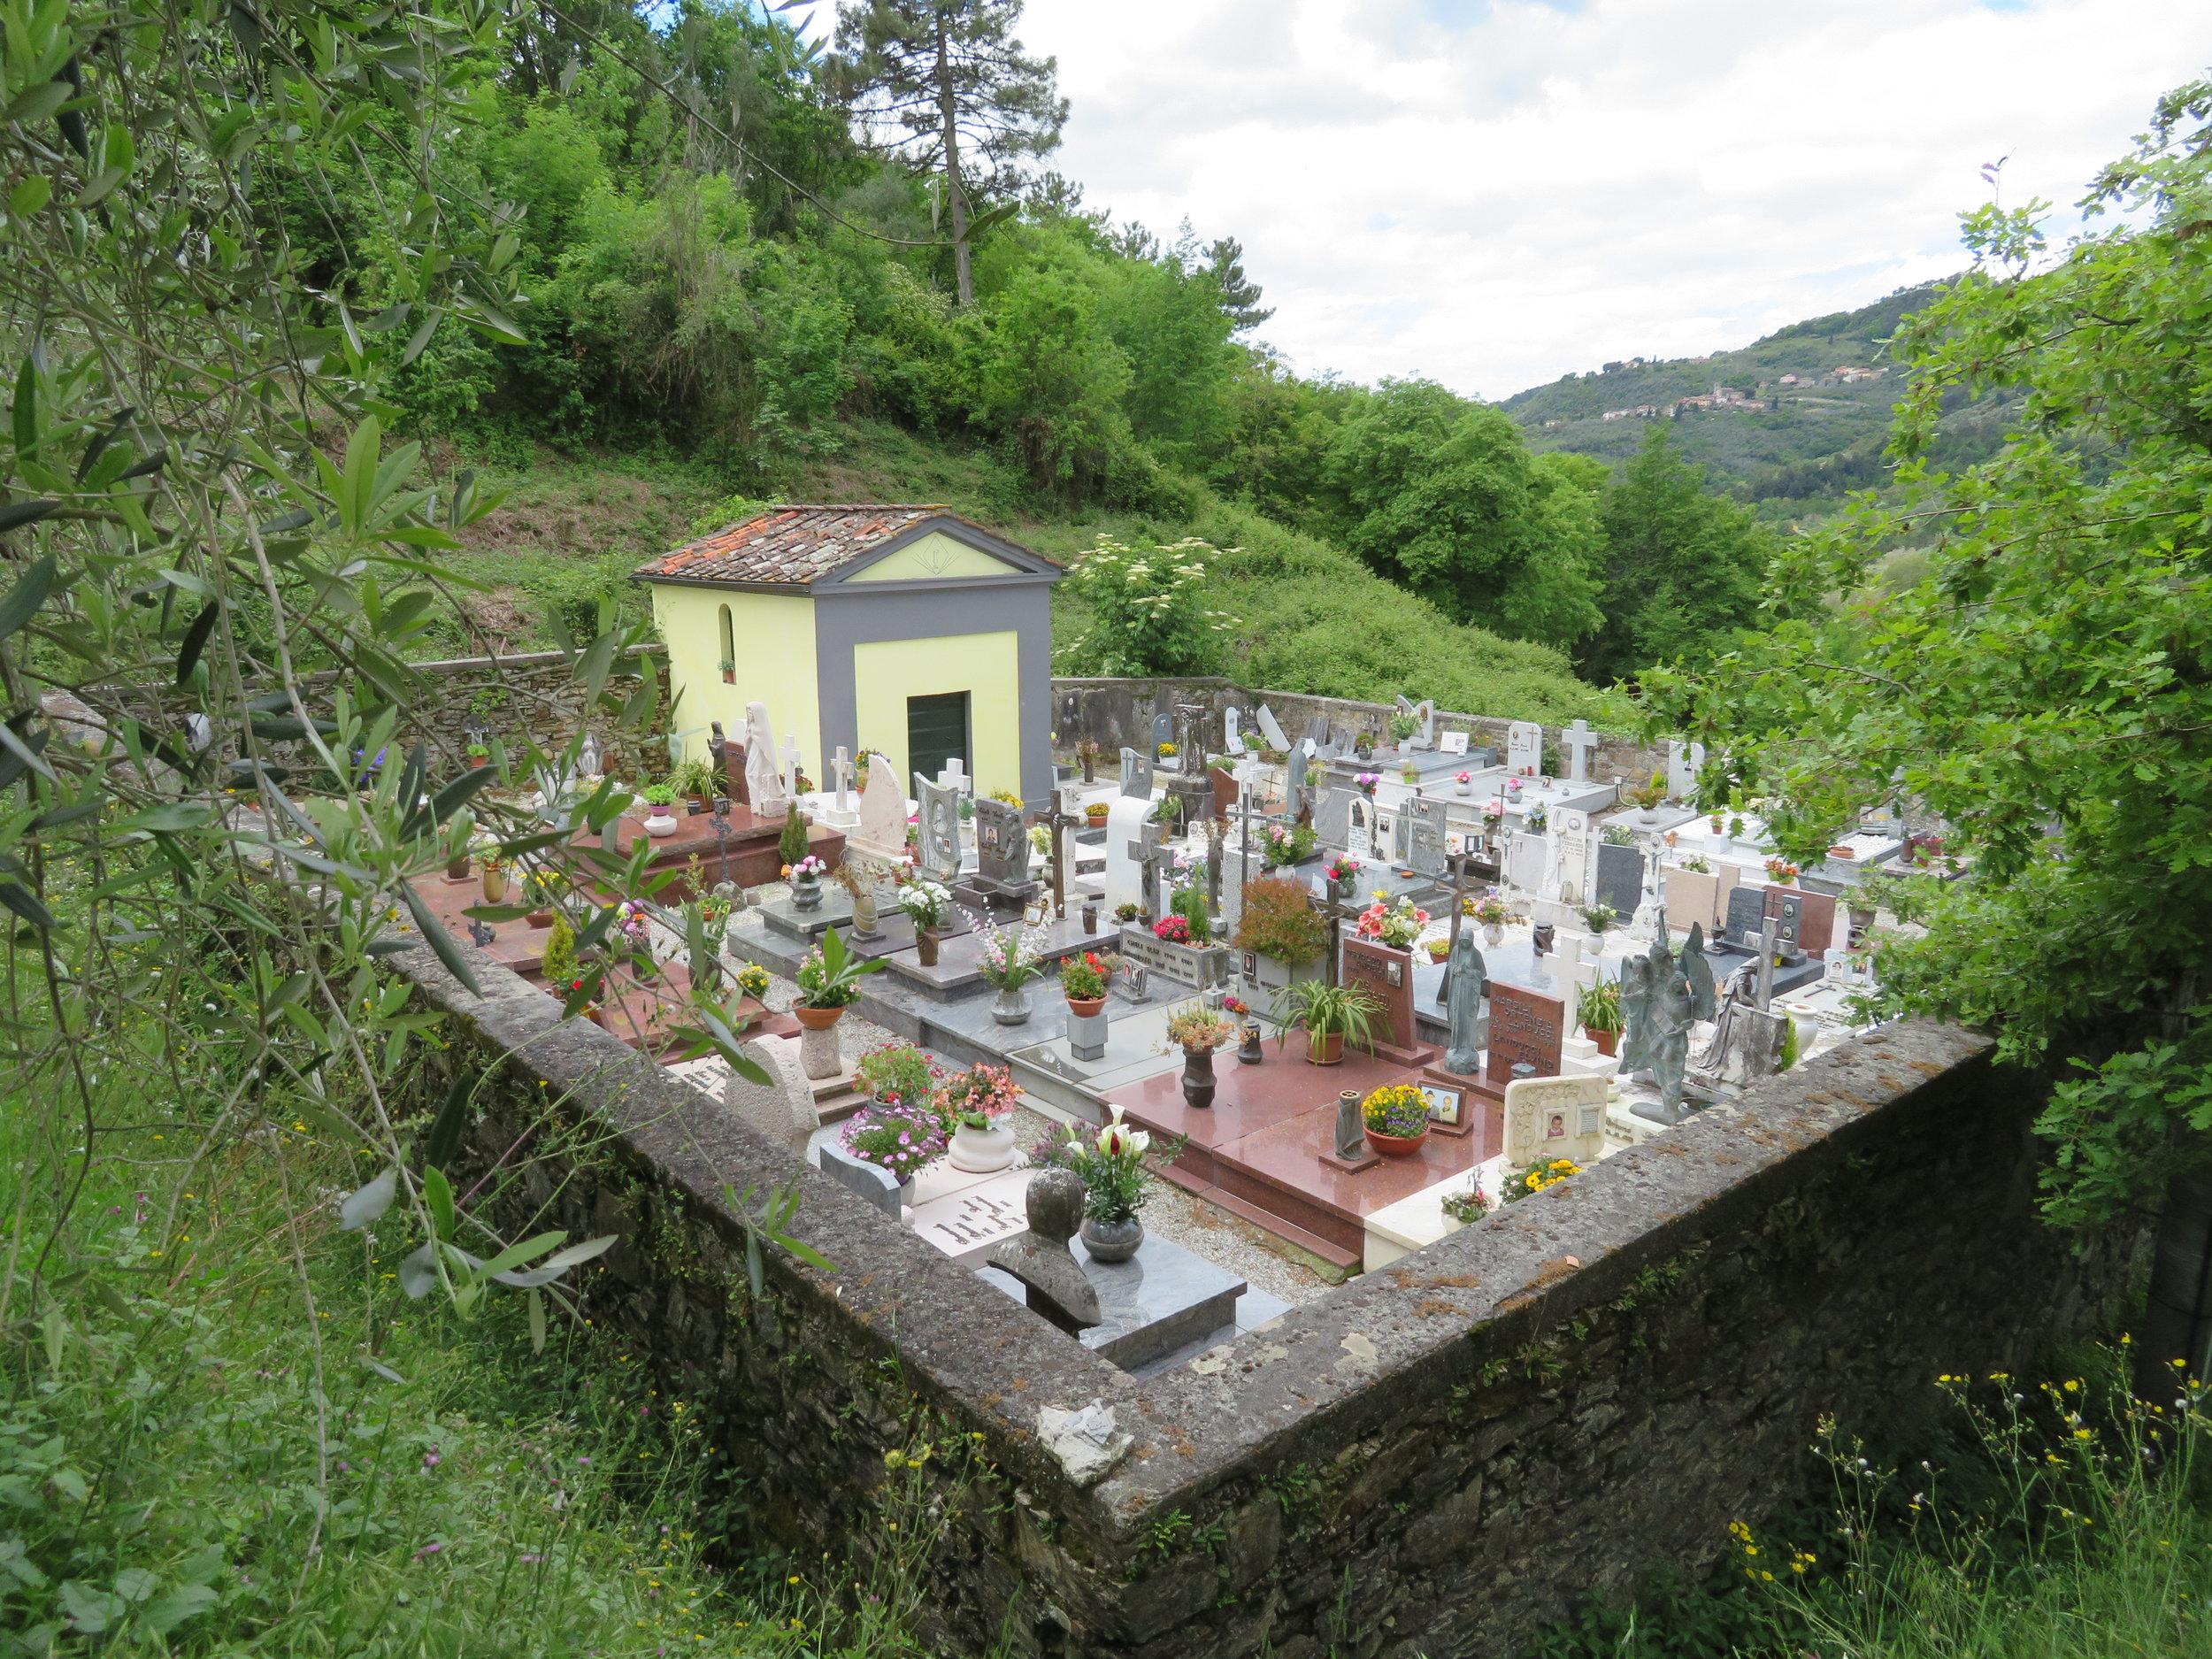 Tiny little mountain village cemetery